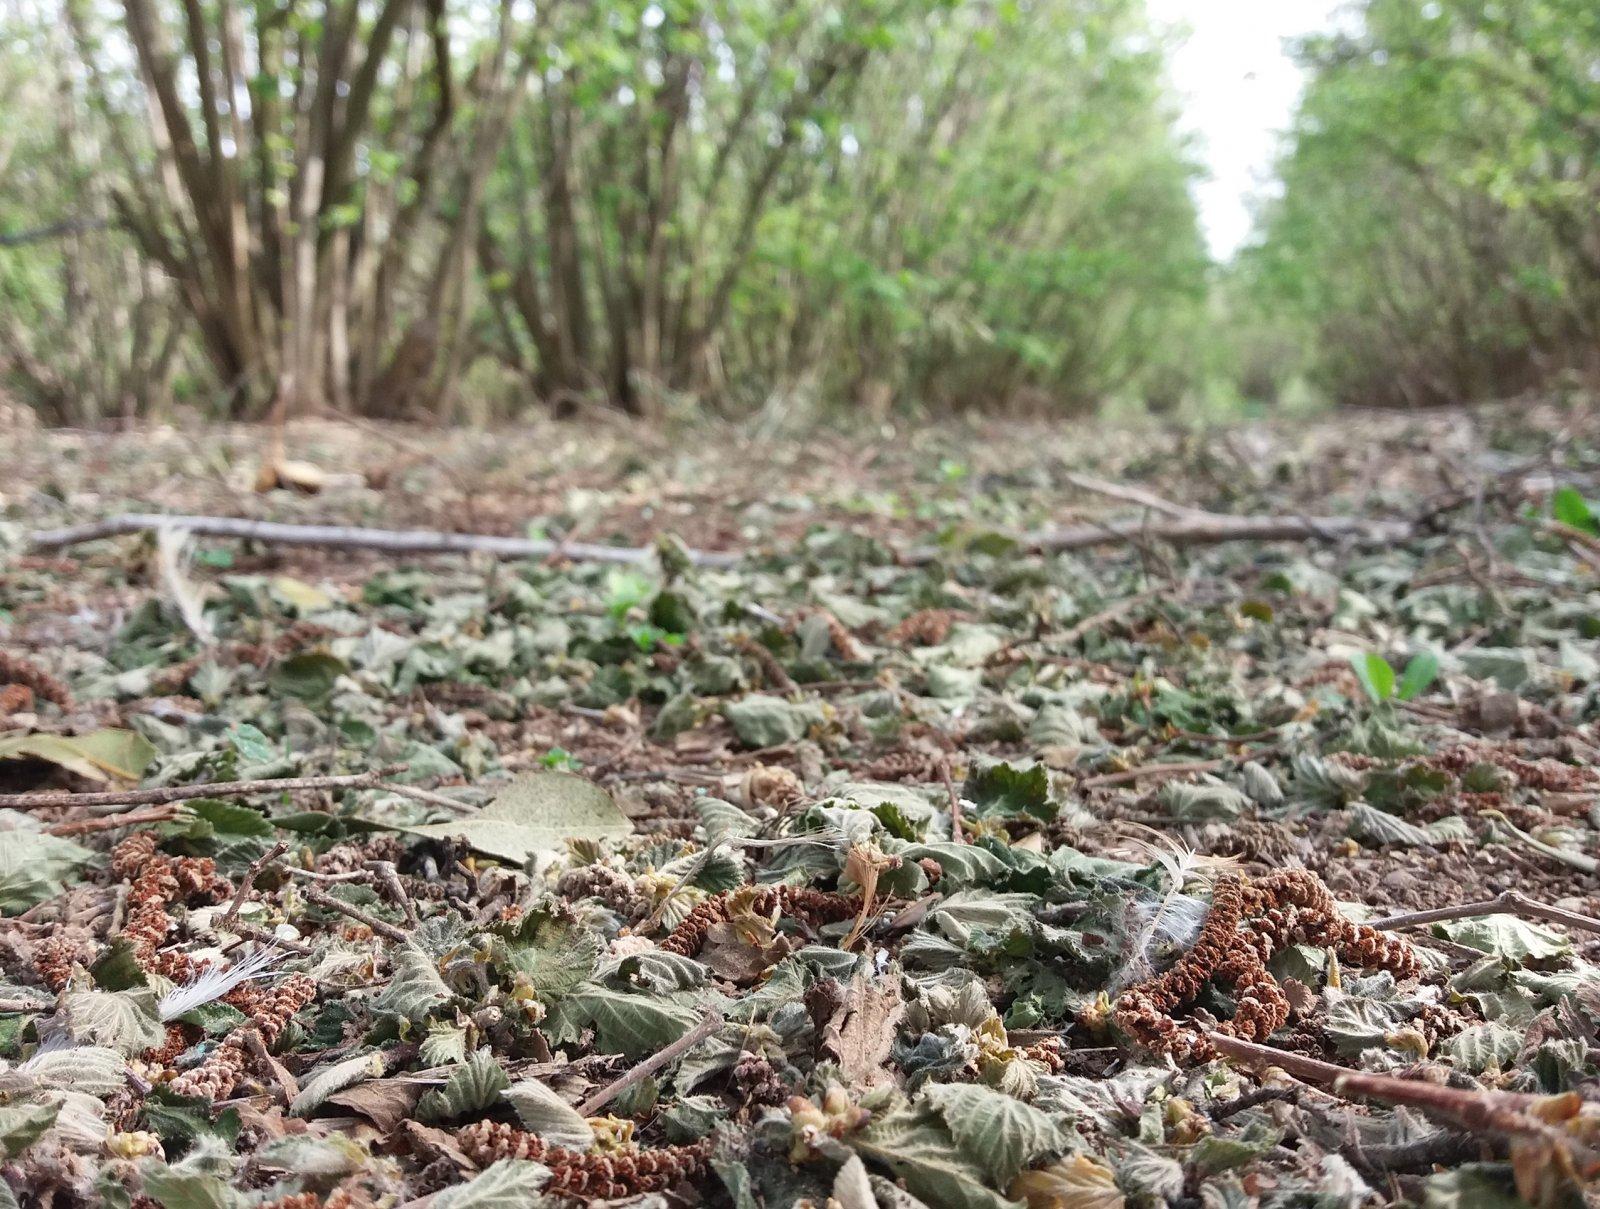 La ventada del 31 de març ha fet estralls en el cultiu de l'avellana